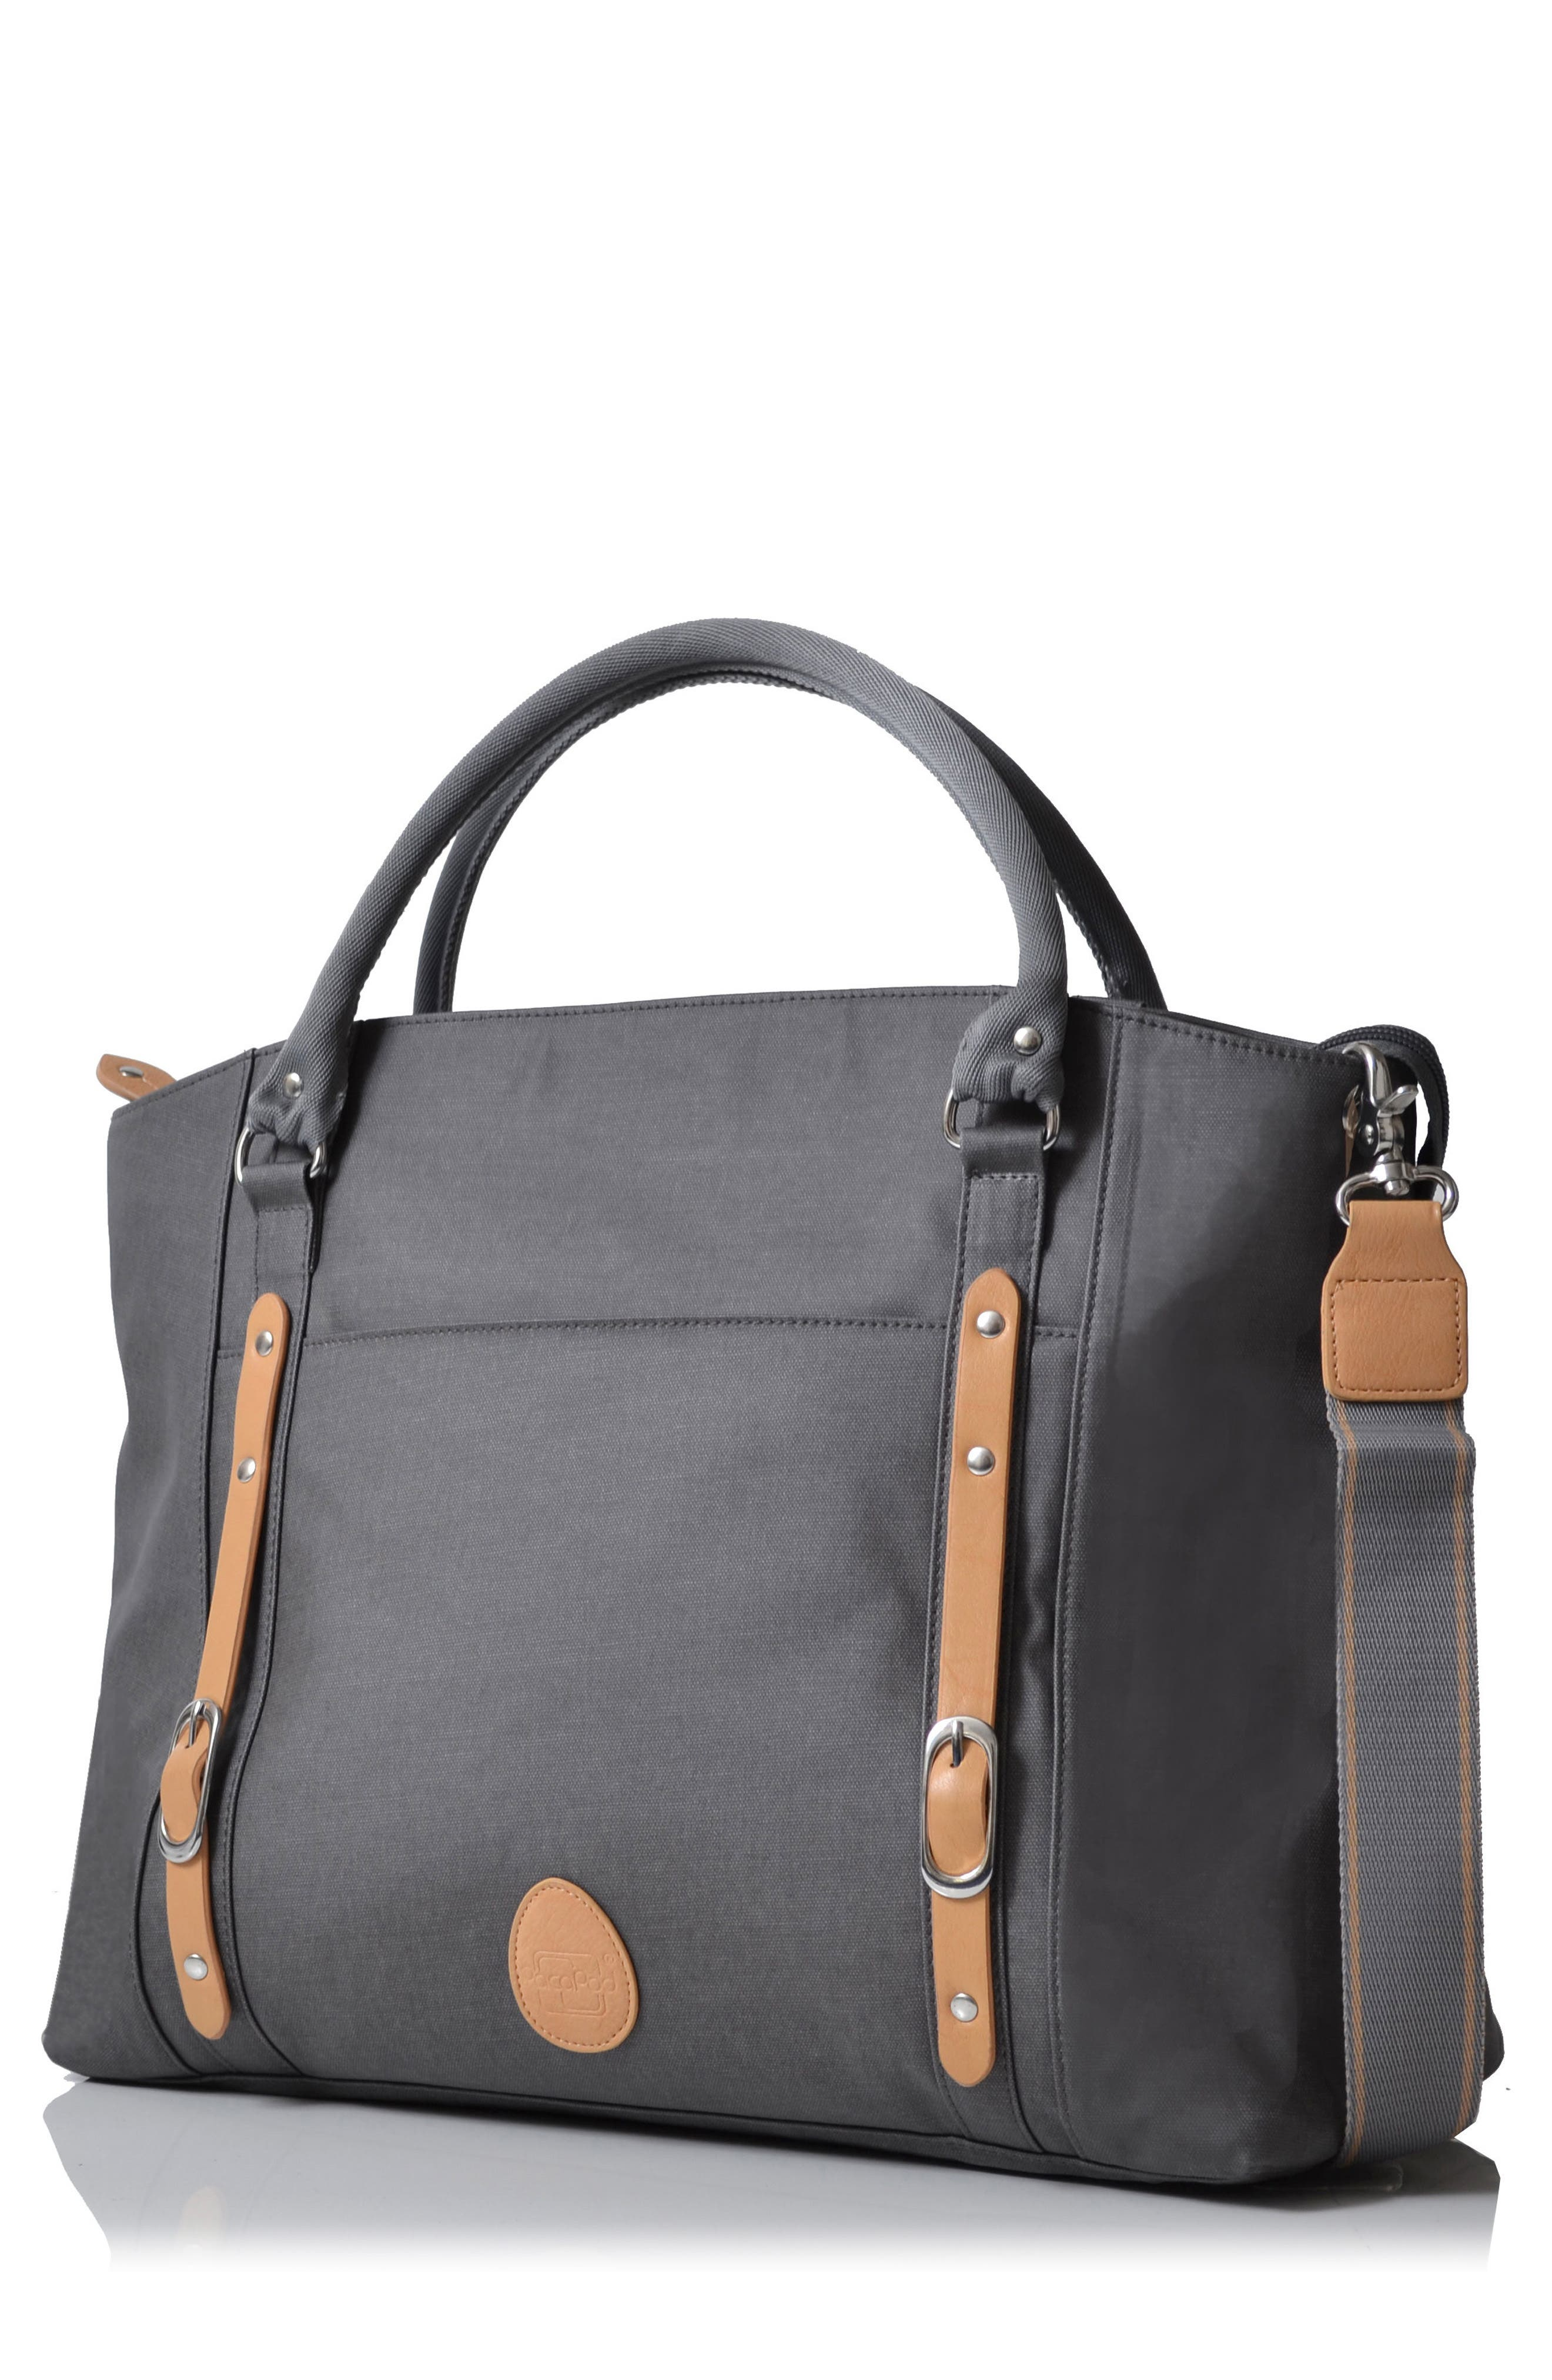 PacaPod 'Mirano' Diaper Bag